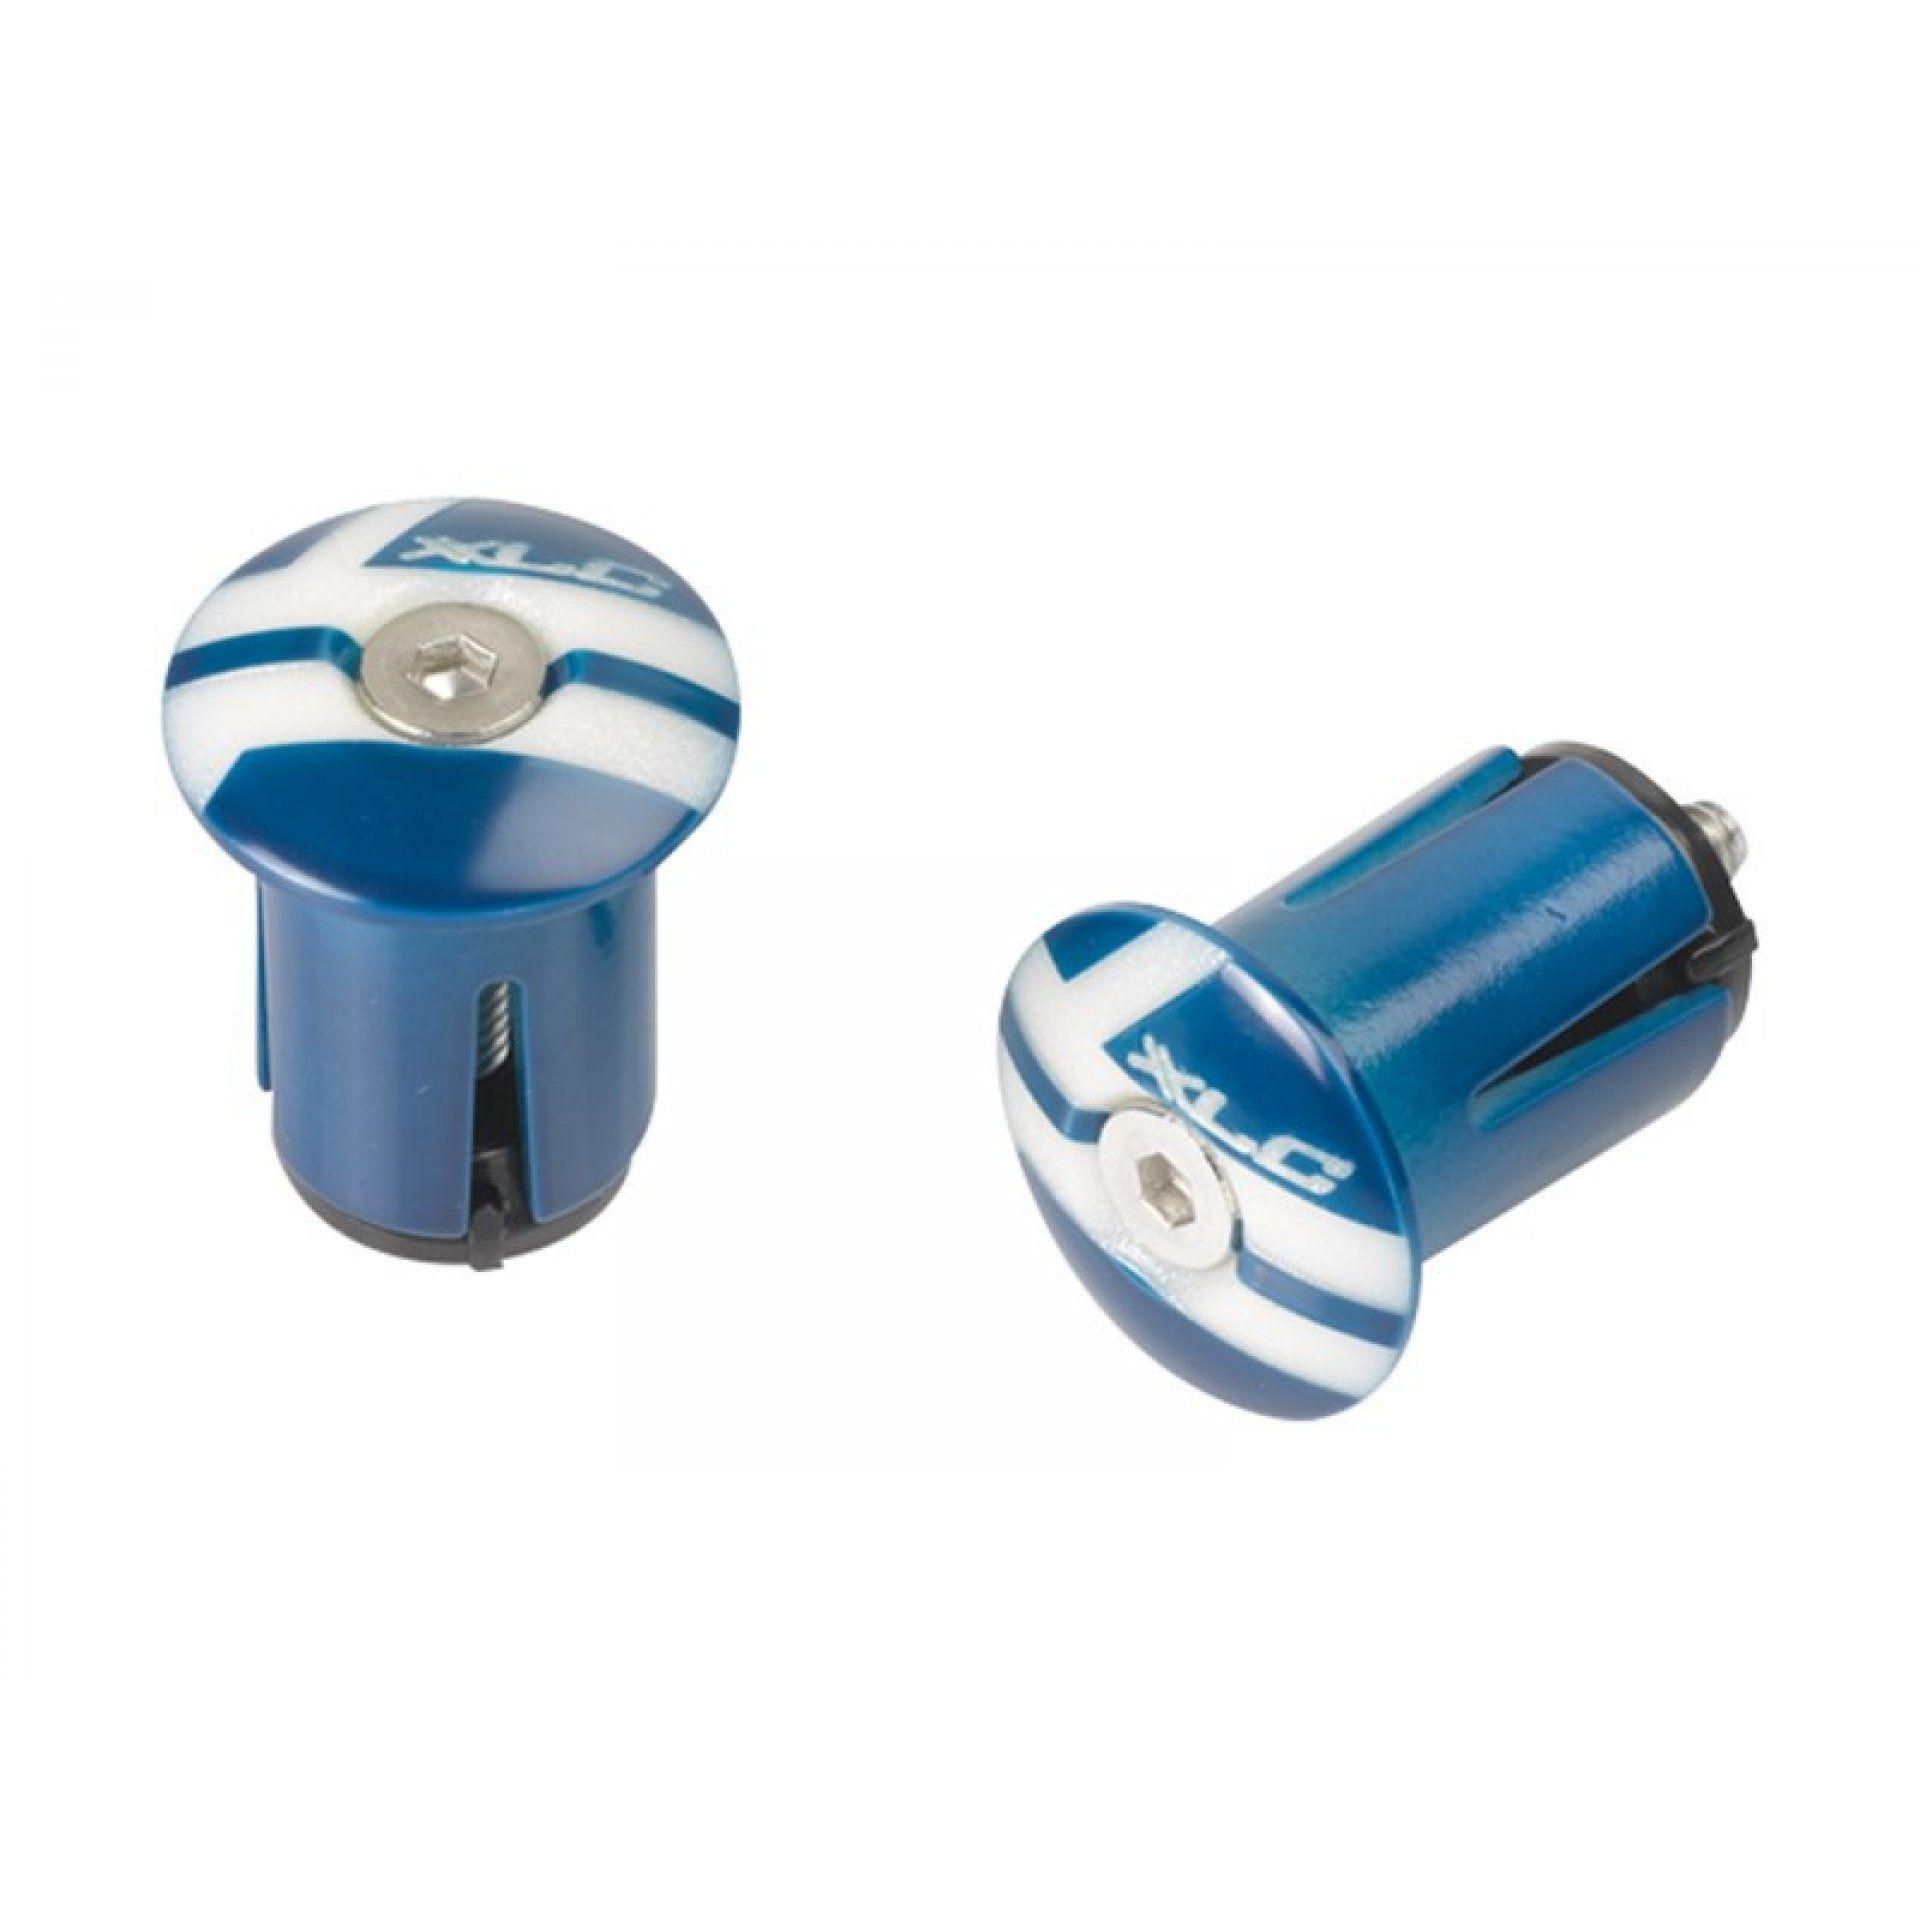 KORKI KIEROWNICY ROWEROWEJ XLC GR-X02 BLUE